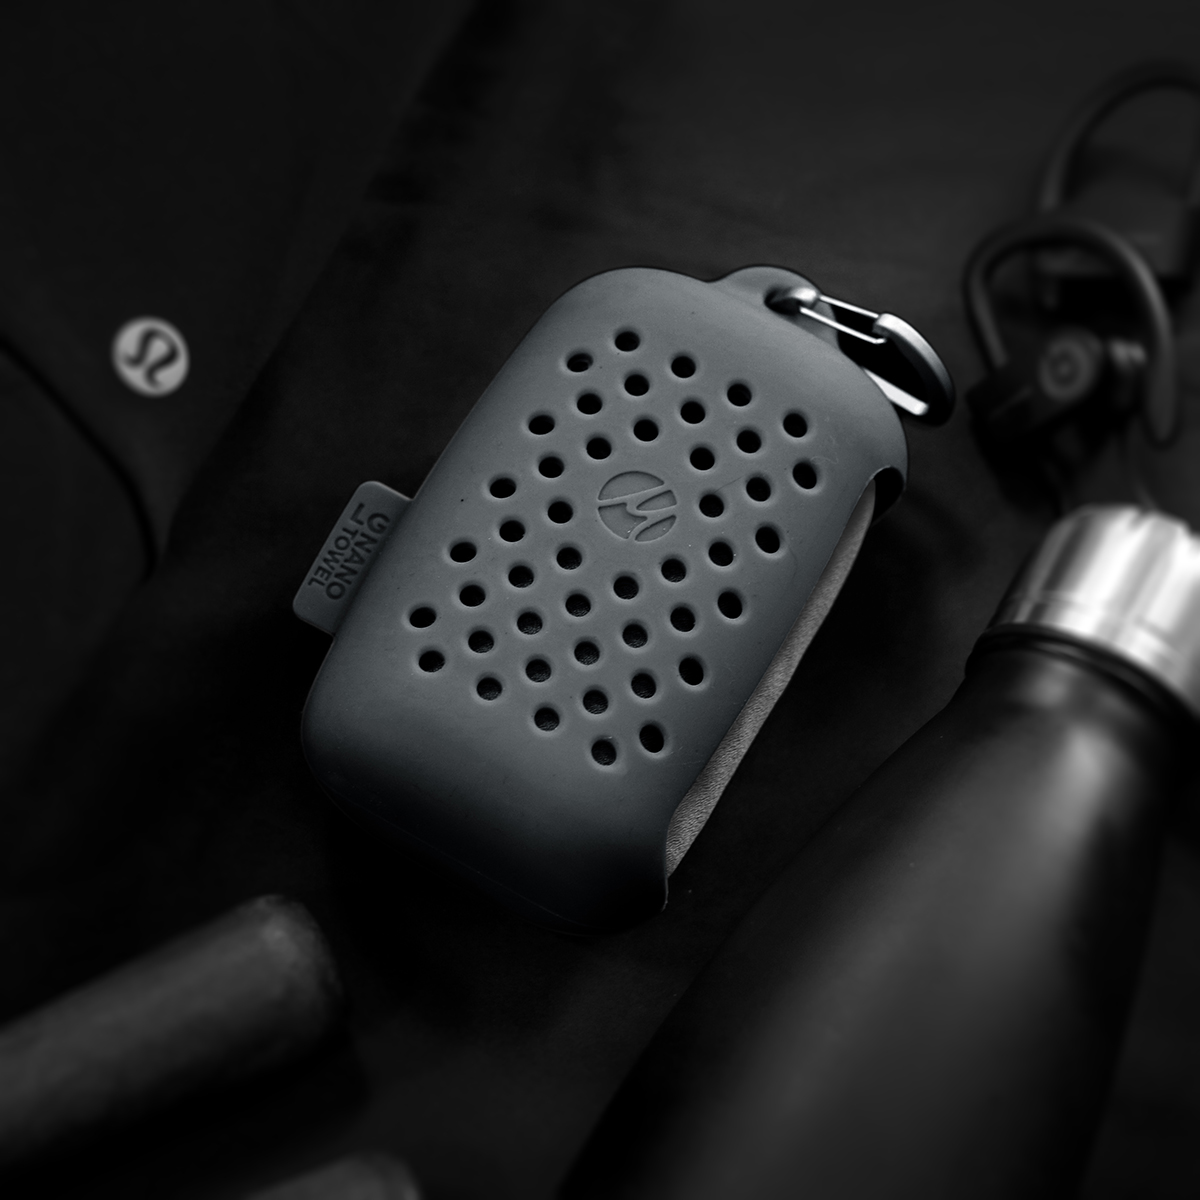 蒸れにくく、不快なニオイも防げる構造のケース。極薄&超軽量なのに驚きの吸水速乾性。小さくたためて、ビーチやジムでもっと身軽になれる「ナノドライタオル」 | Matador NanoDry Shower Towel